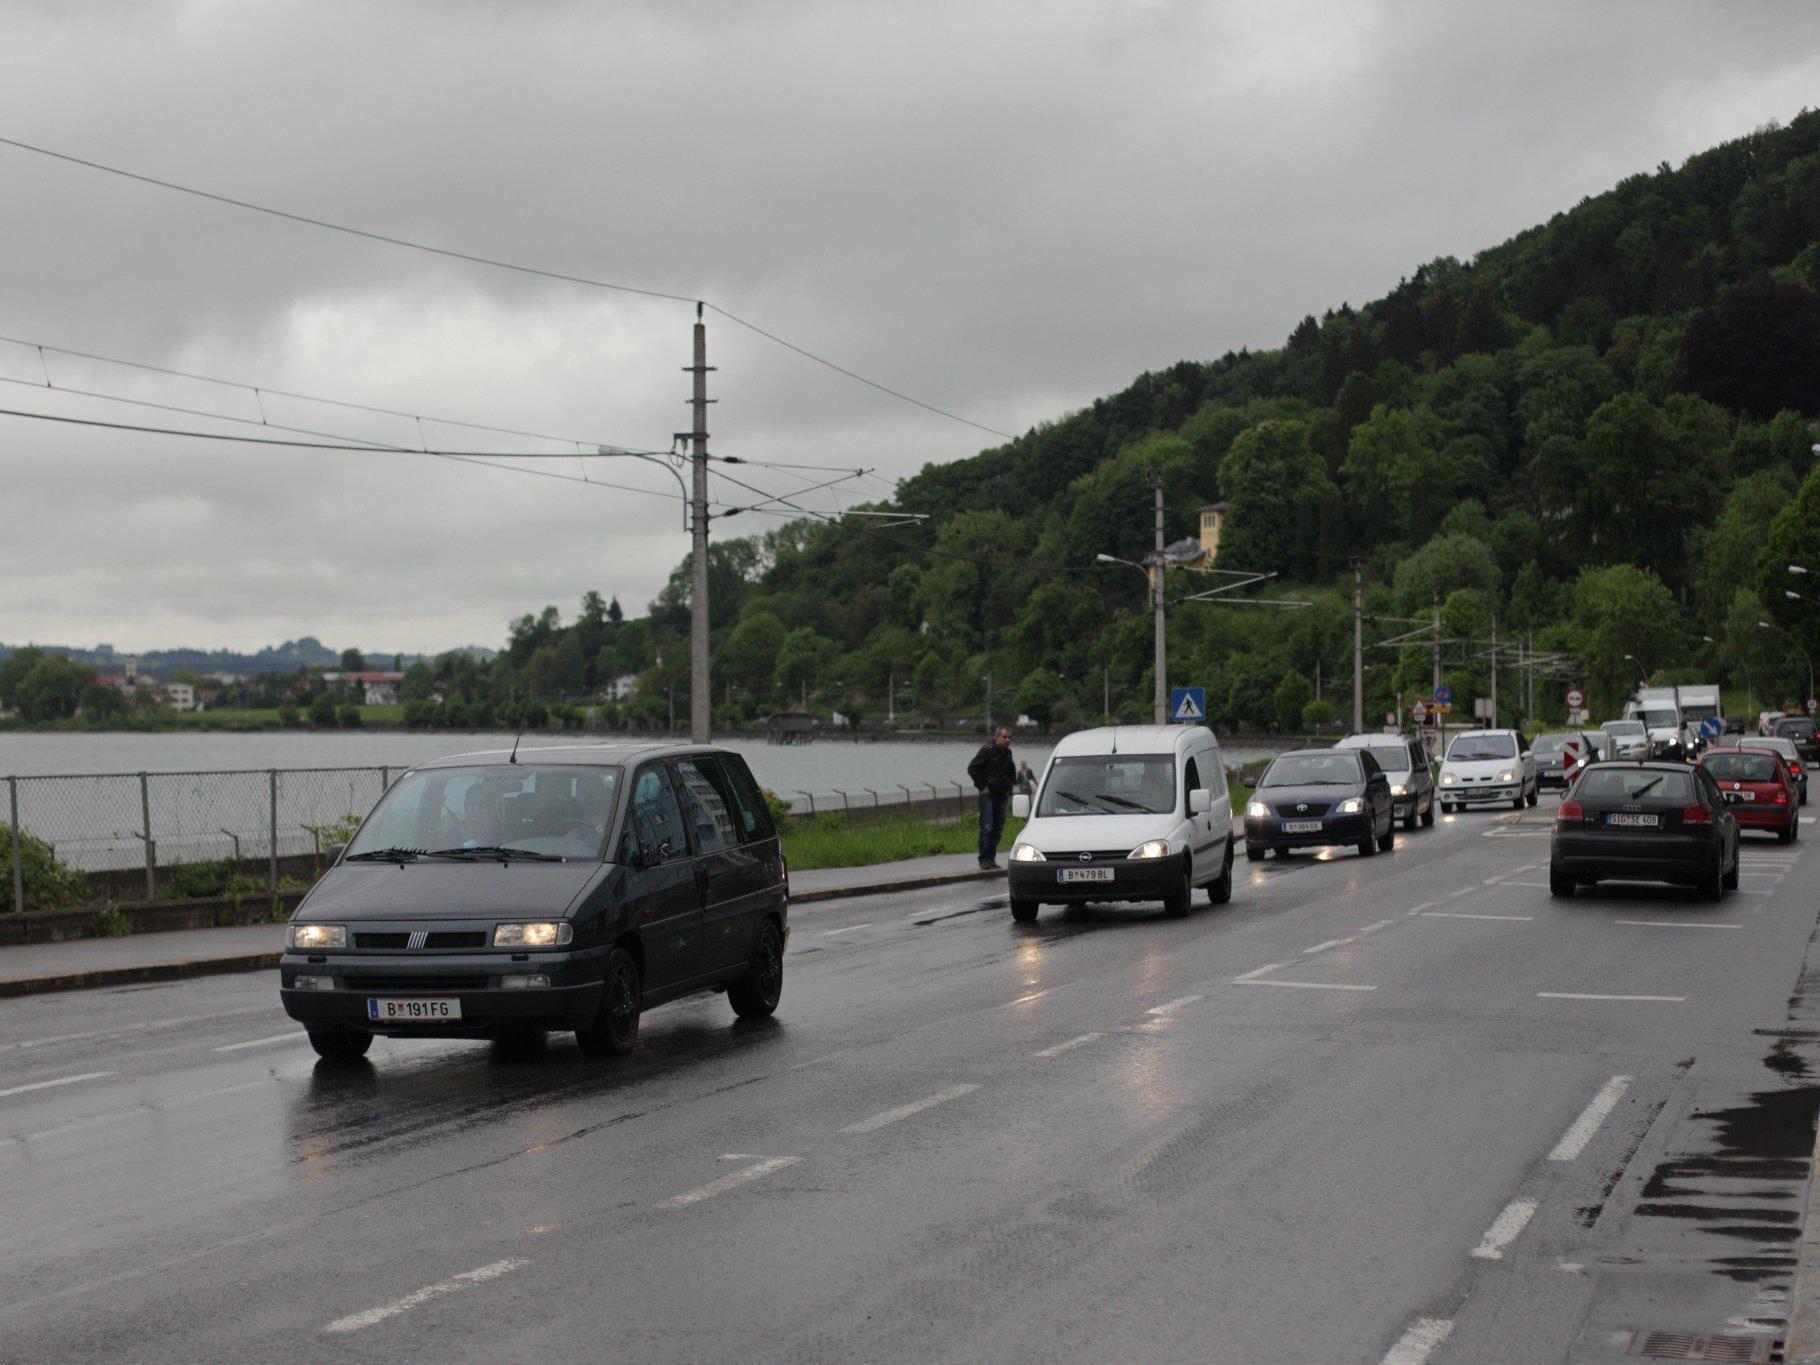 L 190 in Lochau: Tagesdurchschnitt 22.372, davon Schwerverkehr: 552. Top-Tag: 25. Februar, 28.723 Fahrzeuge.